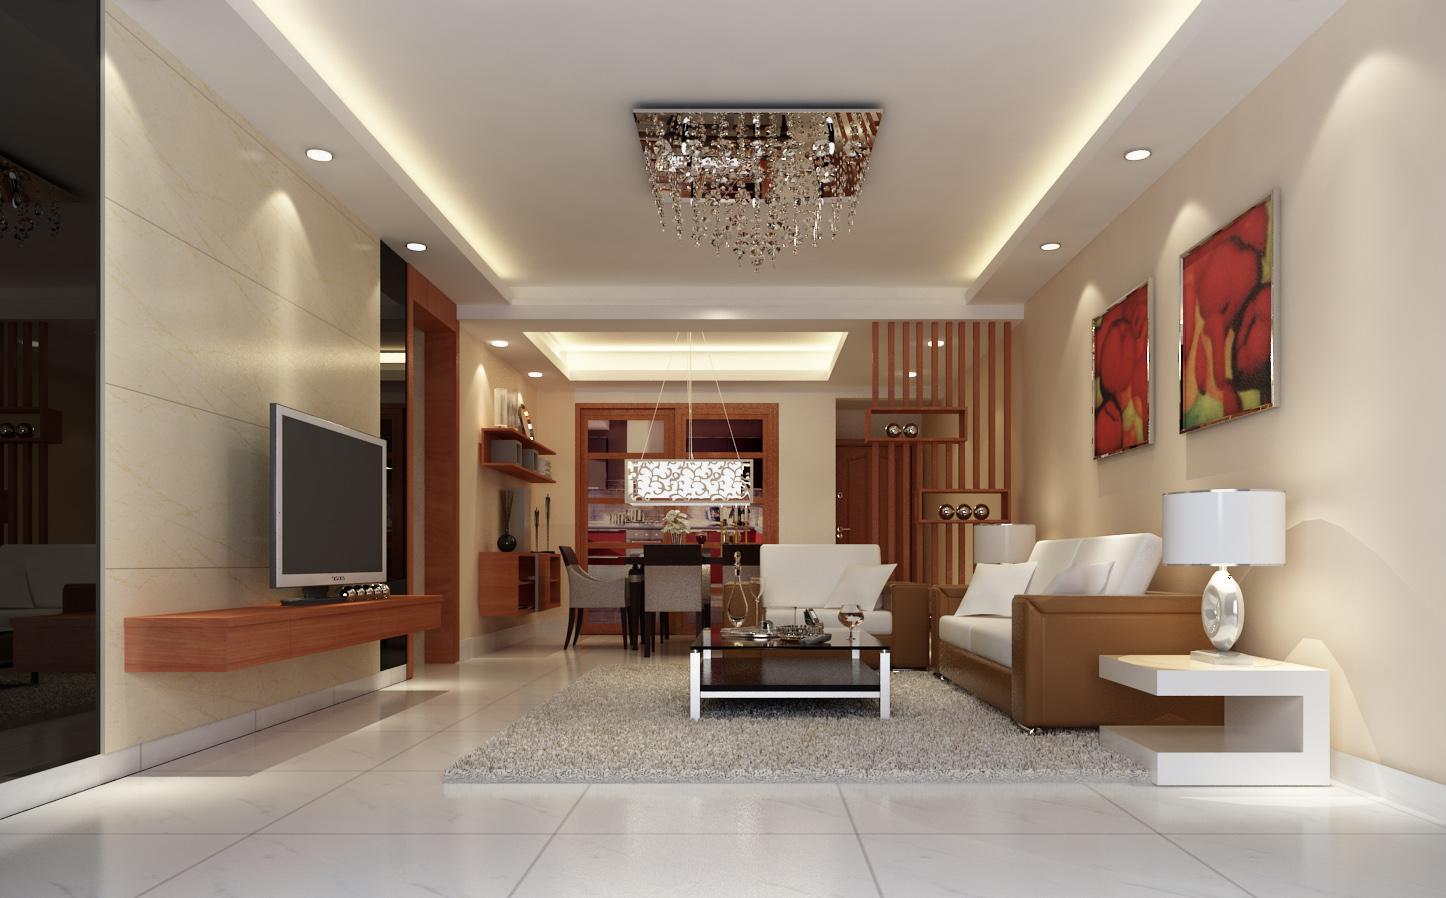 【设计】室内软装设计中客厅家饰陈列技巧 让风水和视觉双赢